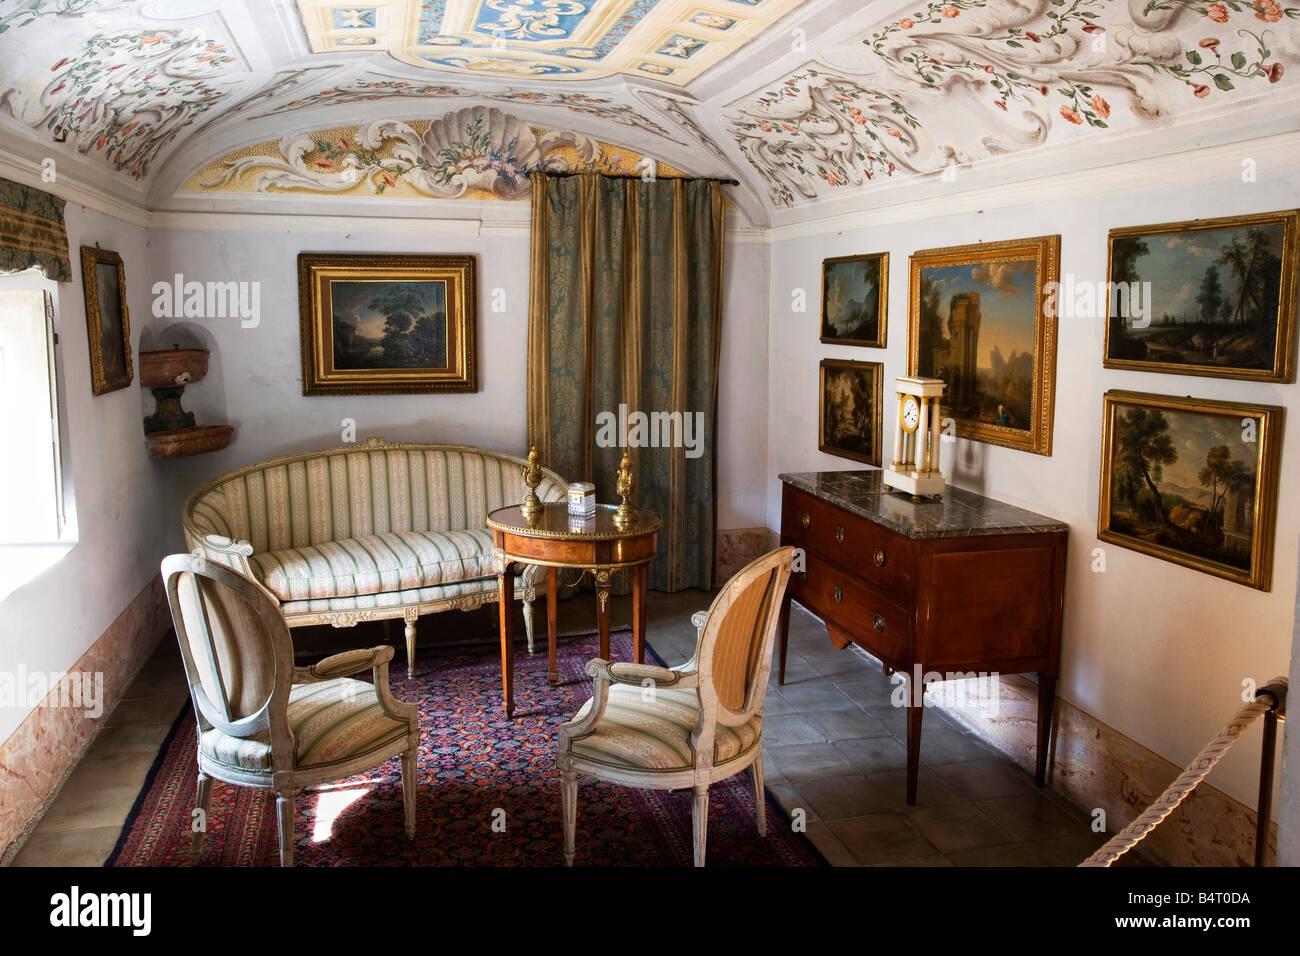 Porta Wohnzimmer, wohnzimmer mit französischen möbeln auf xviii villa della porta, Design ideen